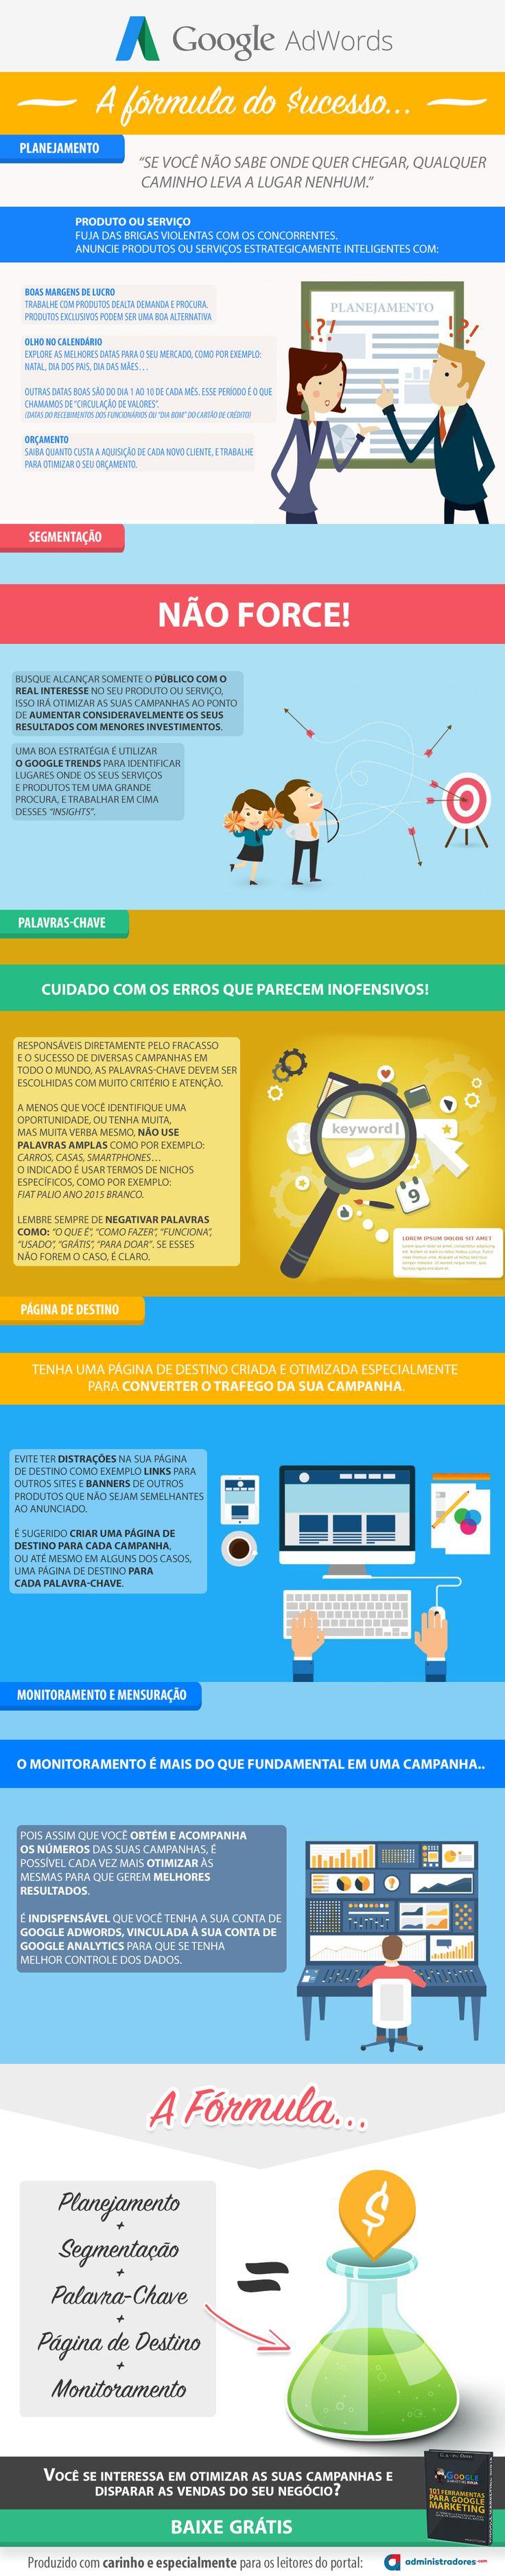 Infográfico: a fórmula do sucesso para Google AdWords - Artigos - Marketing - Administradores.com